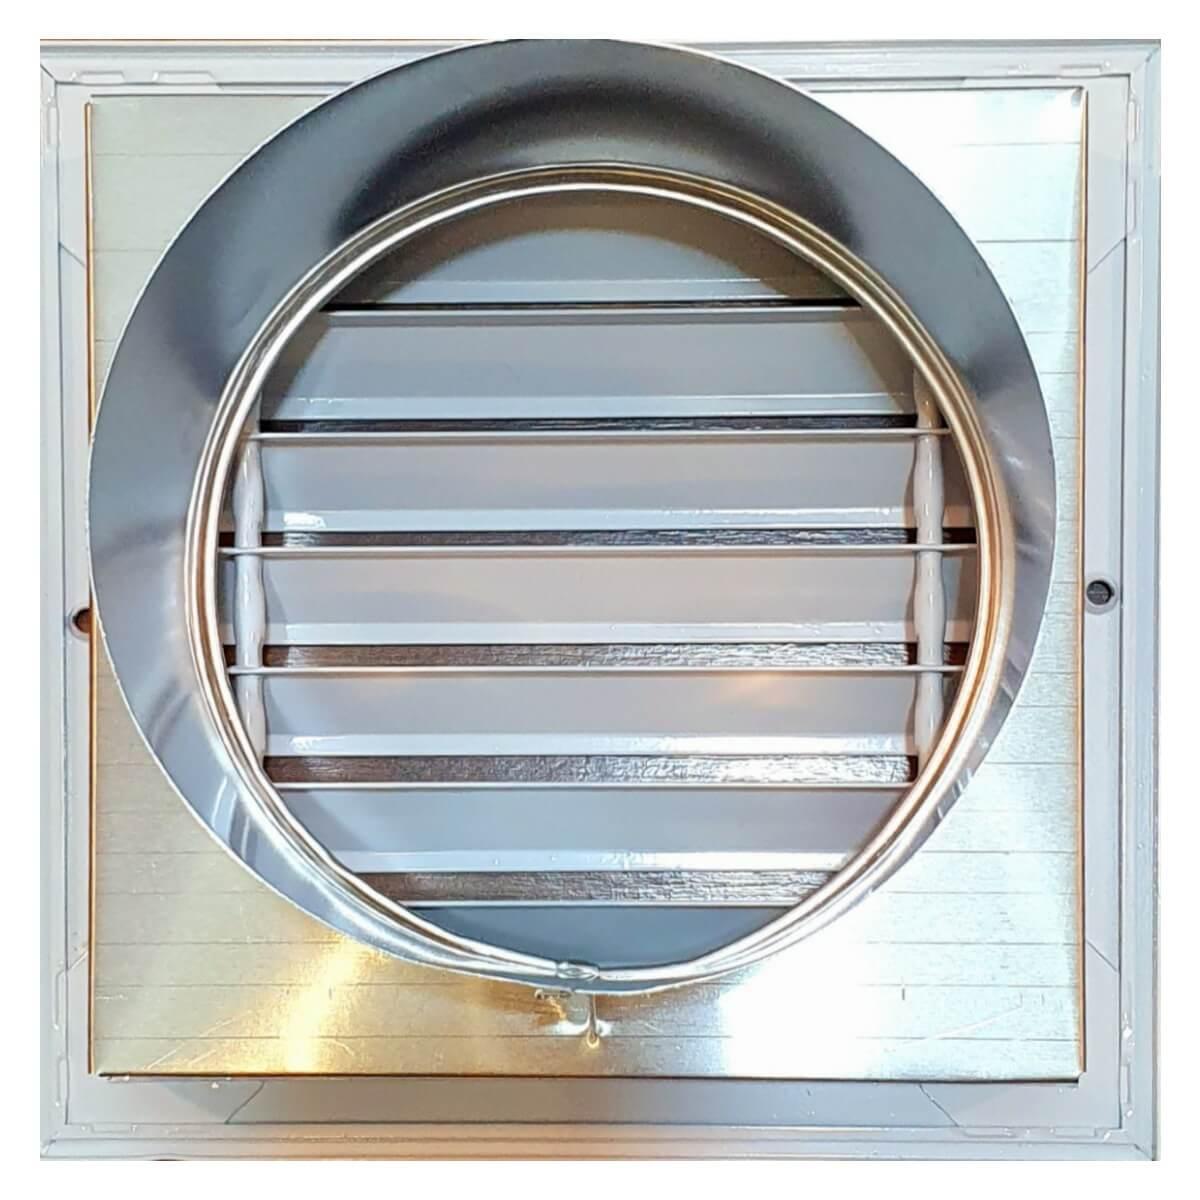 Kit Adaptador P/churr. Pré-mold. 200mm + 2 Curva 45°+ Grelha  - Nova Exaustores